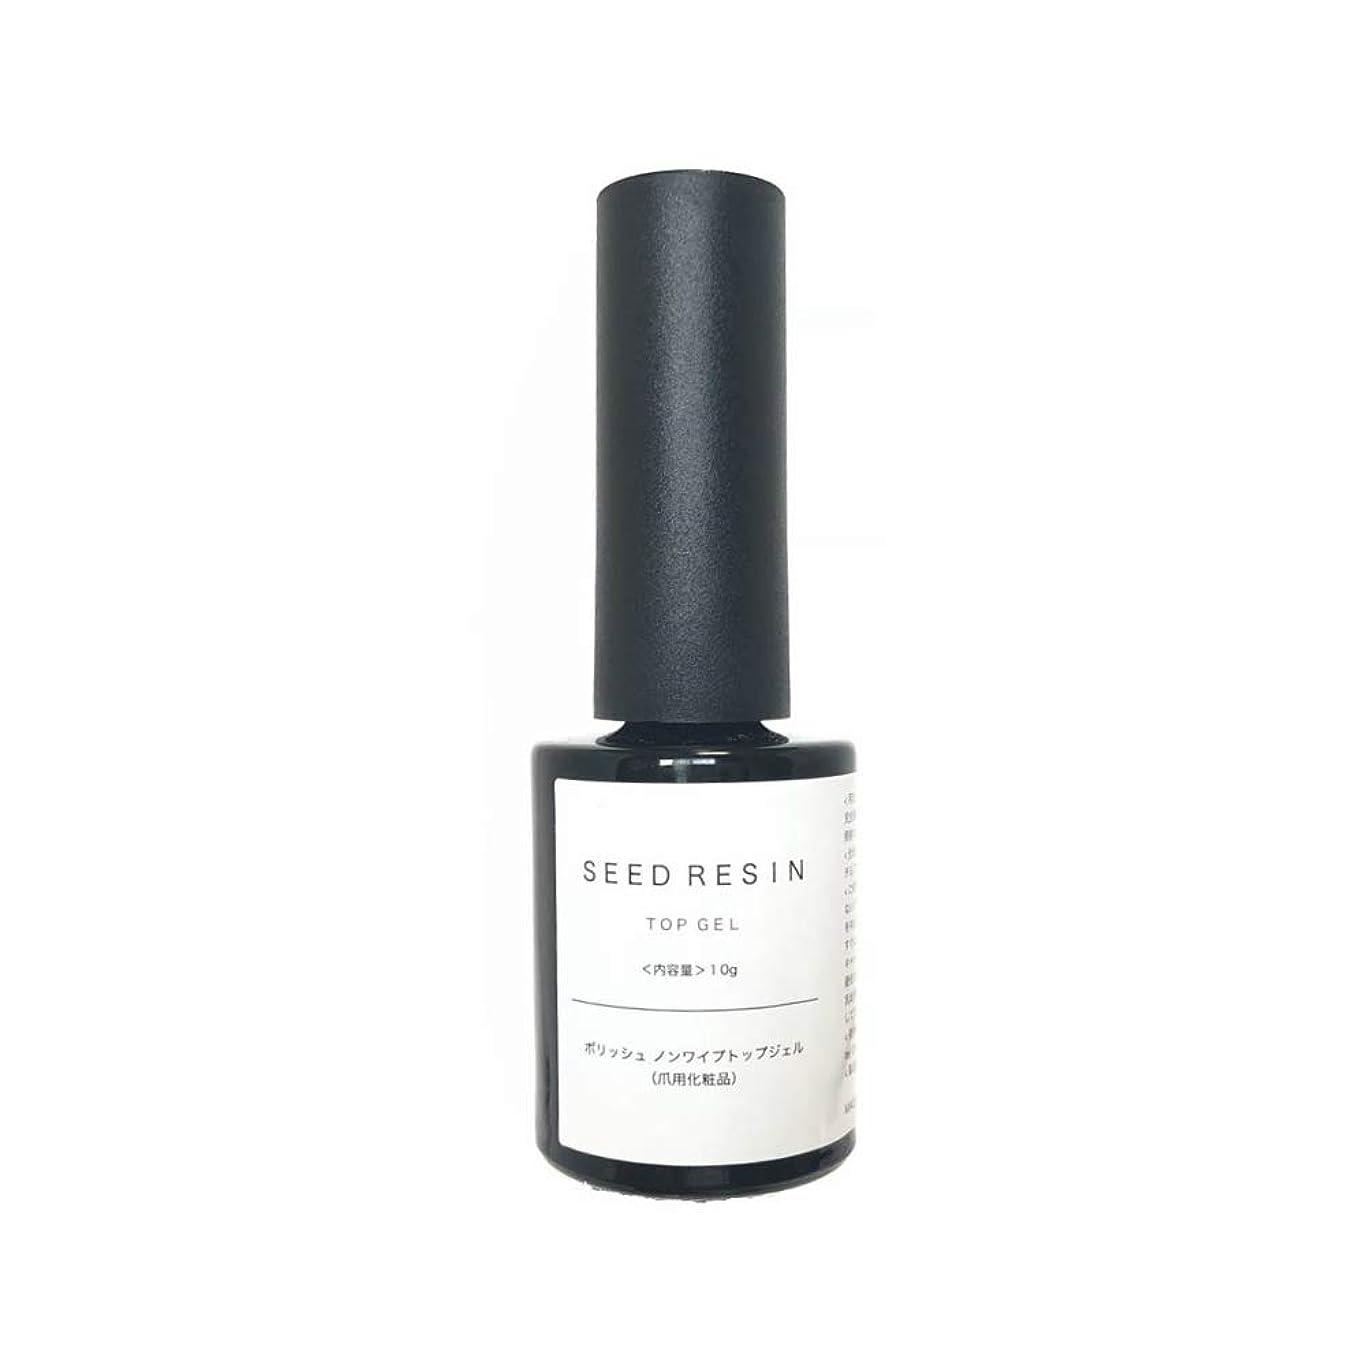 集める蓮保険をかけるSEED RESIN(シードレジン) ジェルネイル ポリッシュ ノンワイプ トップジェル 10g 爪用化粧品